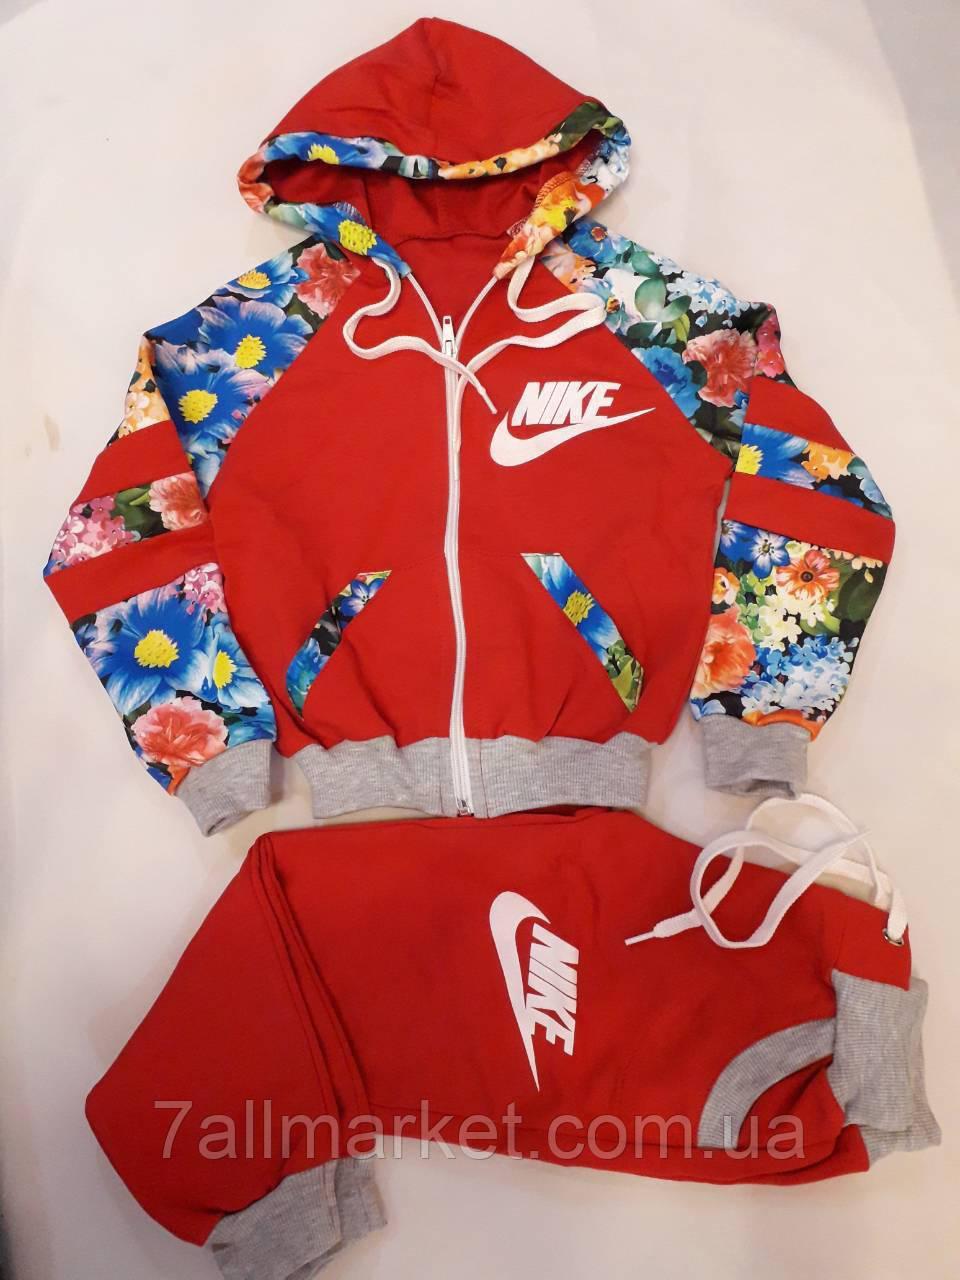 Спортивный костюм NIKE с принтом на девочку 672b3e9a7944c